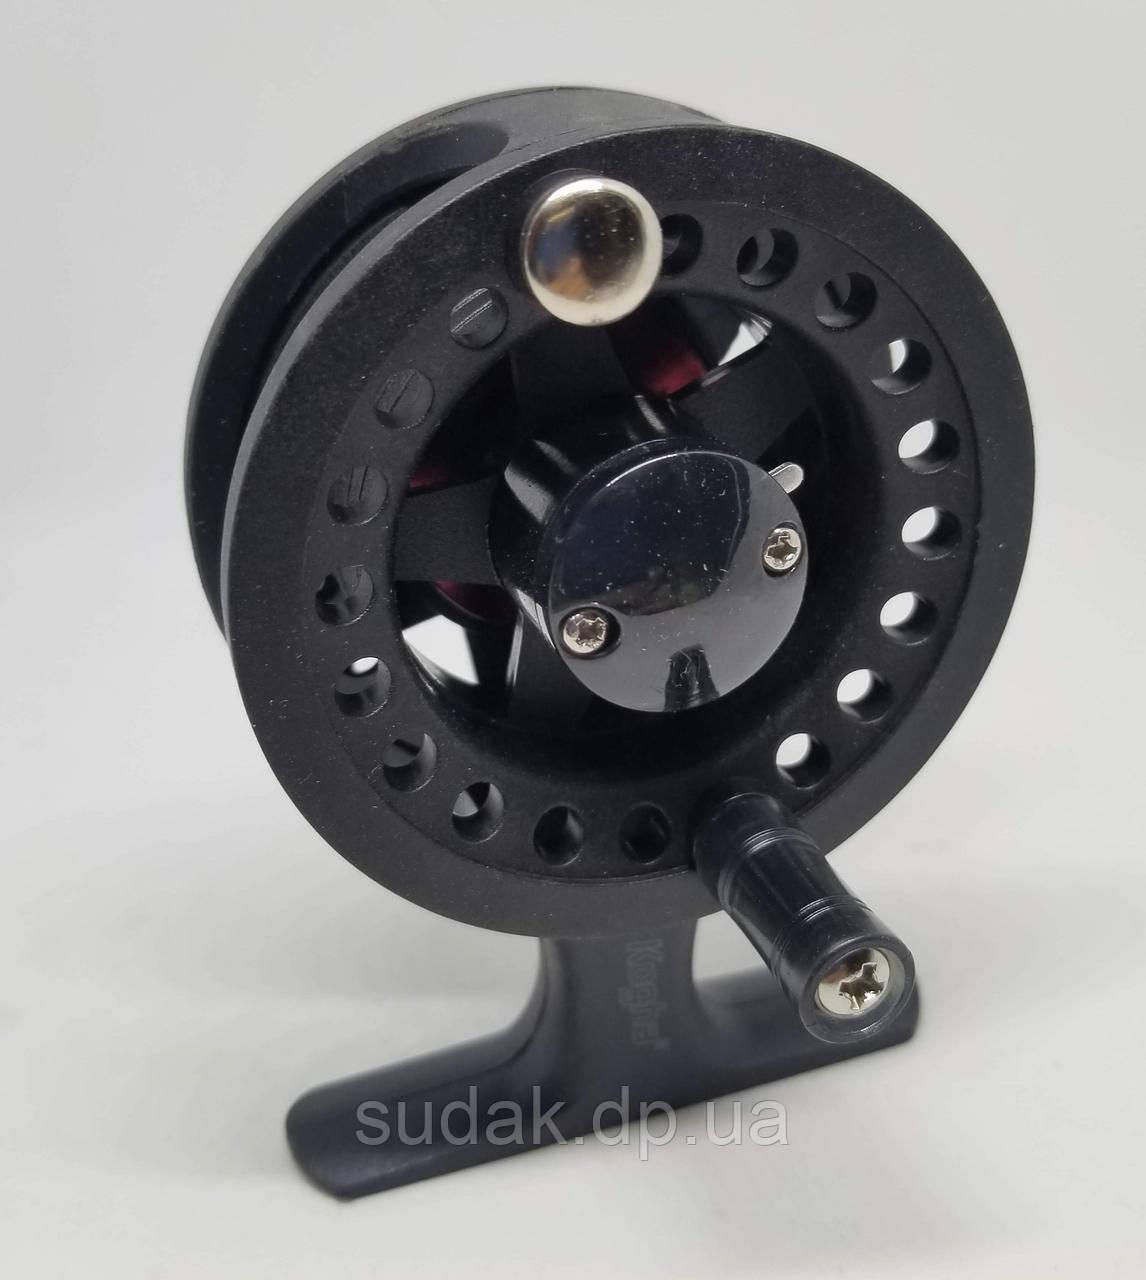 Котушка для зимової риболовлі Optimum Bolas-60 (60mm)